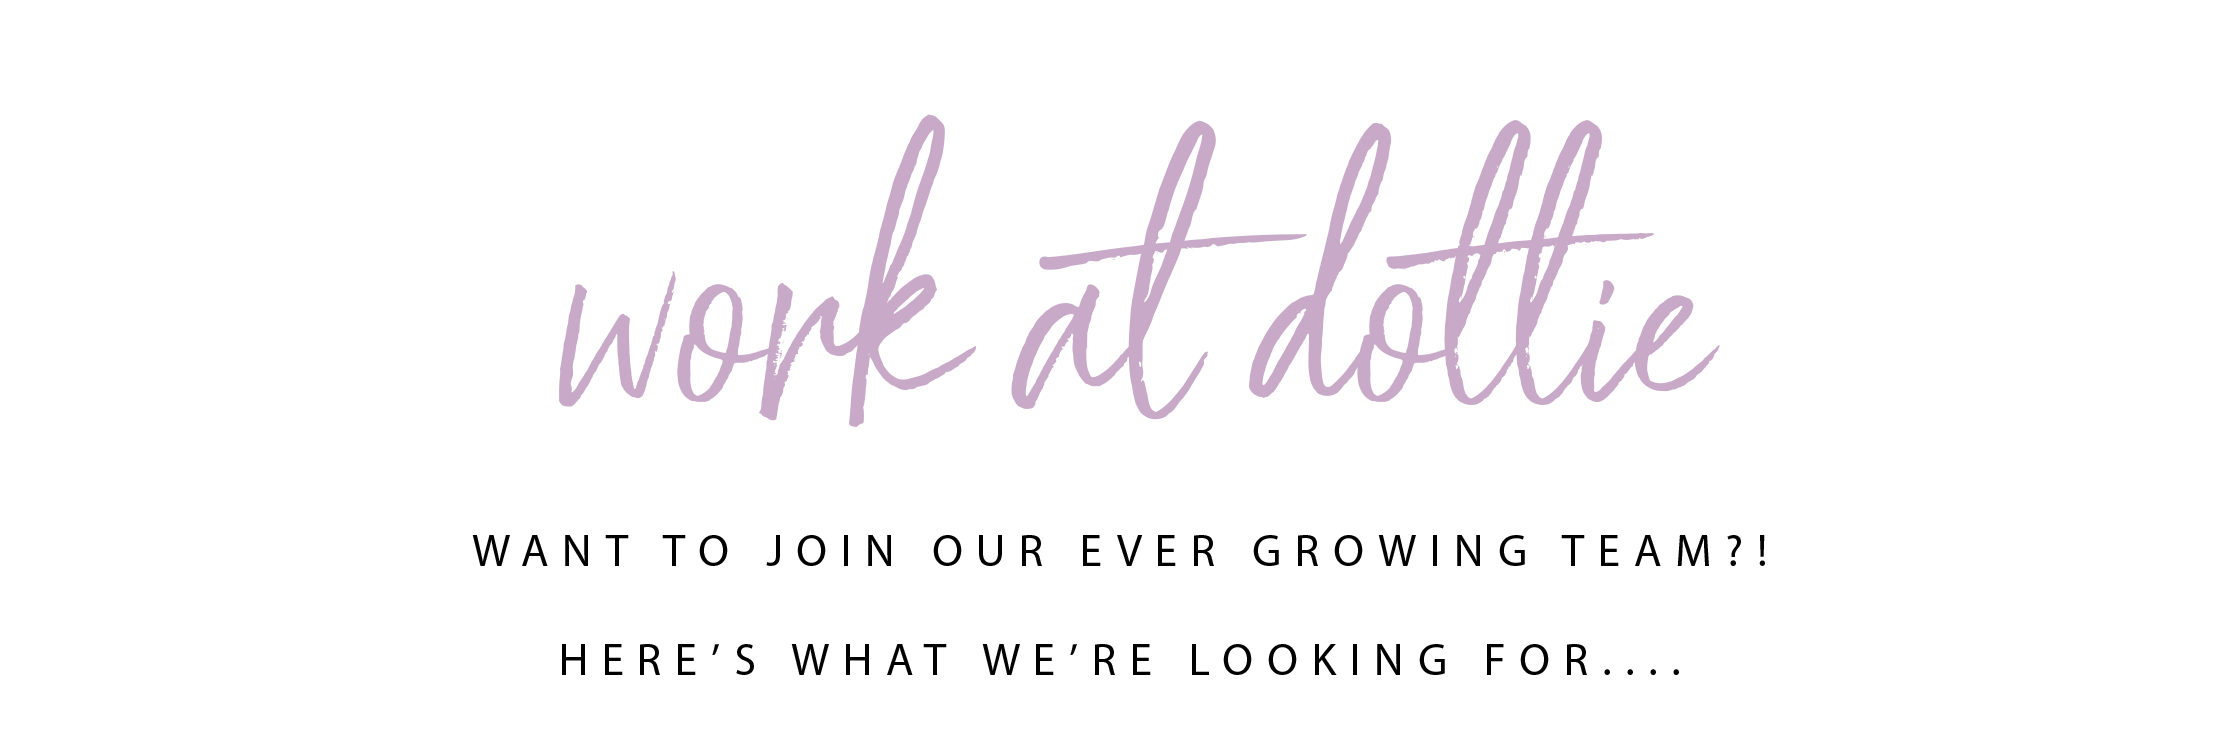 work-at-dottie-header.png